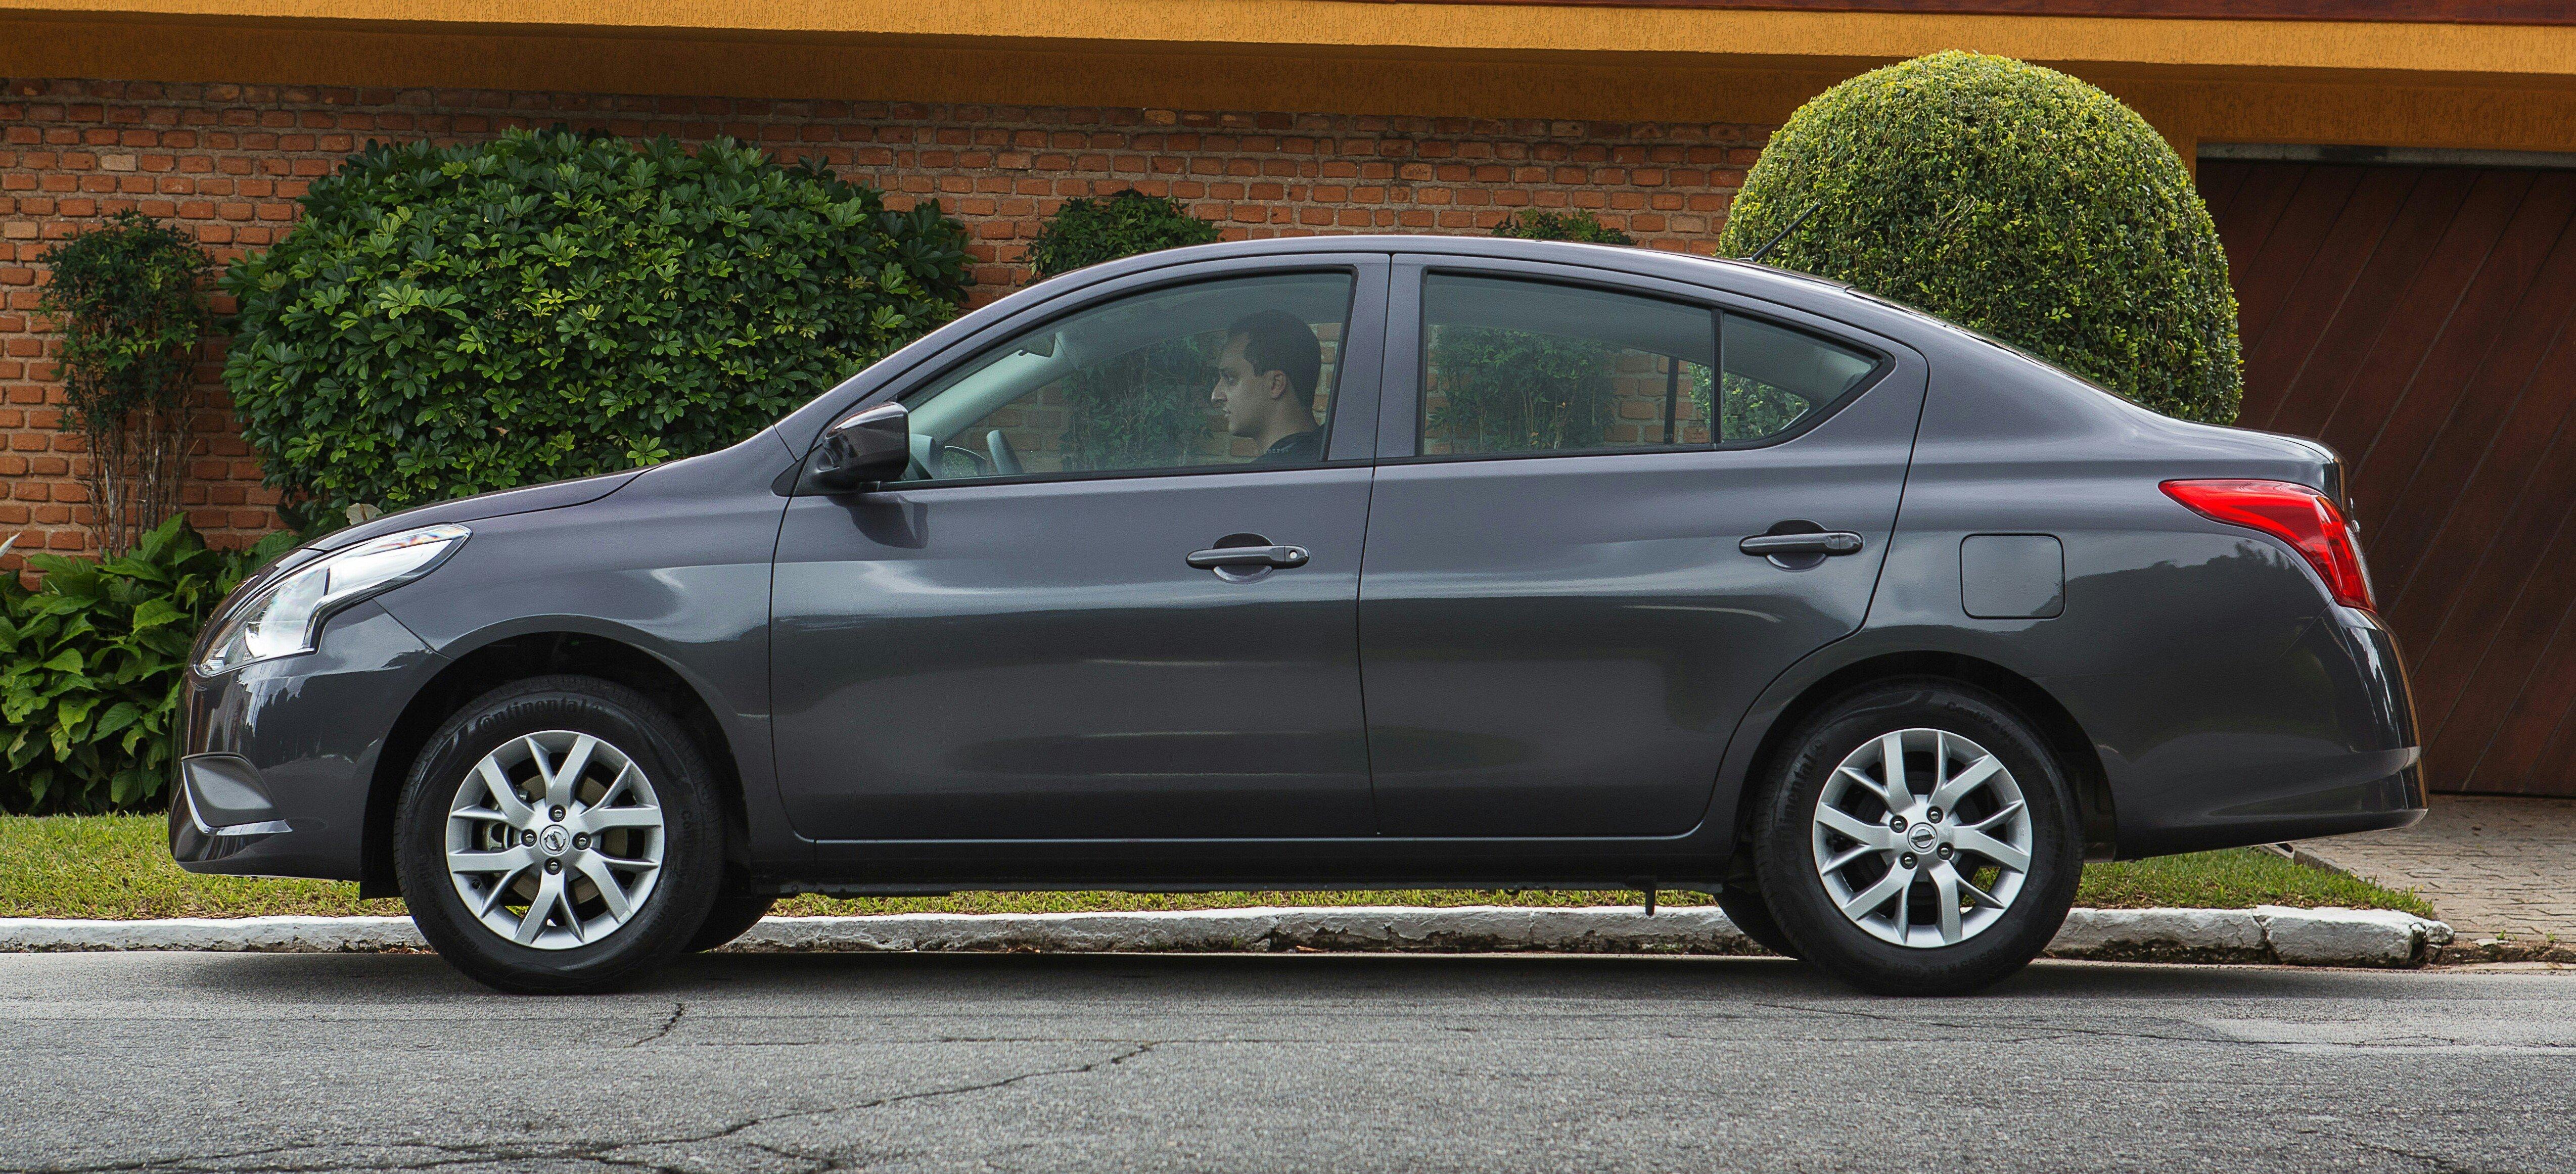 Oferta especial do Nissan Versa 2018 para frotistas e portadores de necessidades especiais: apenas R$ 33.990!